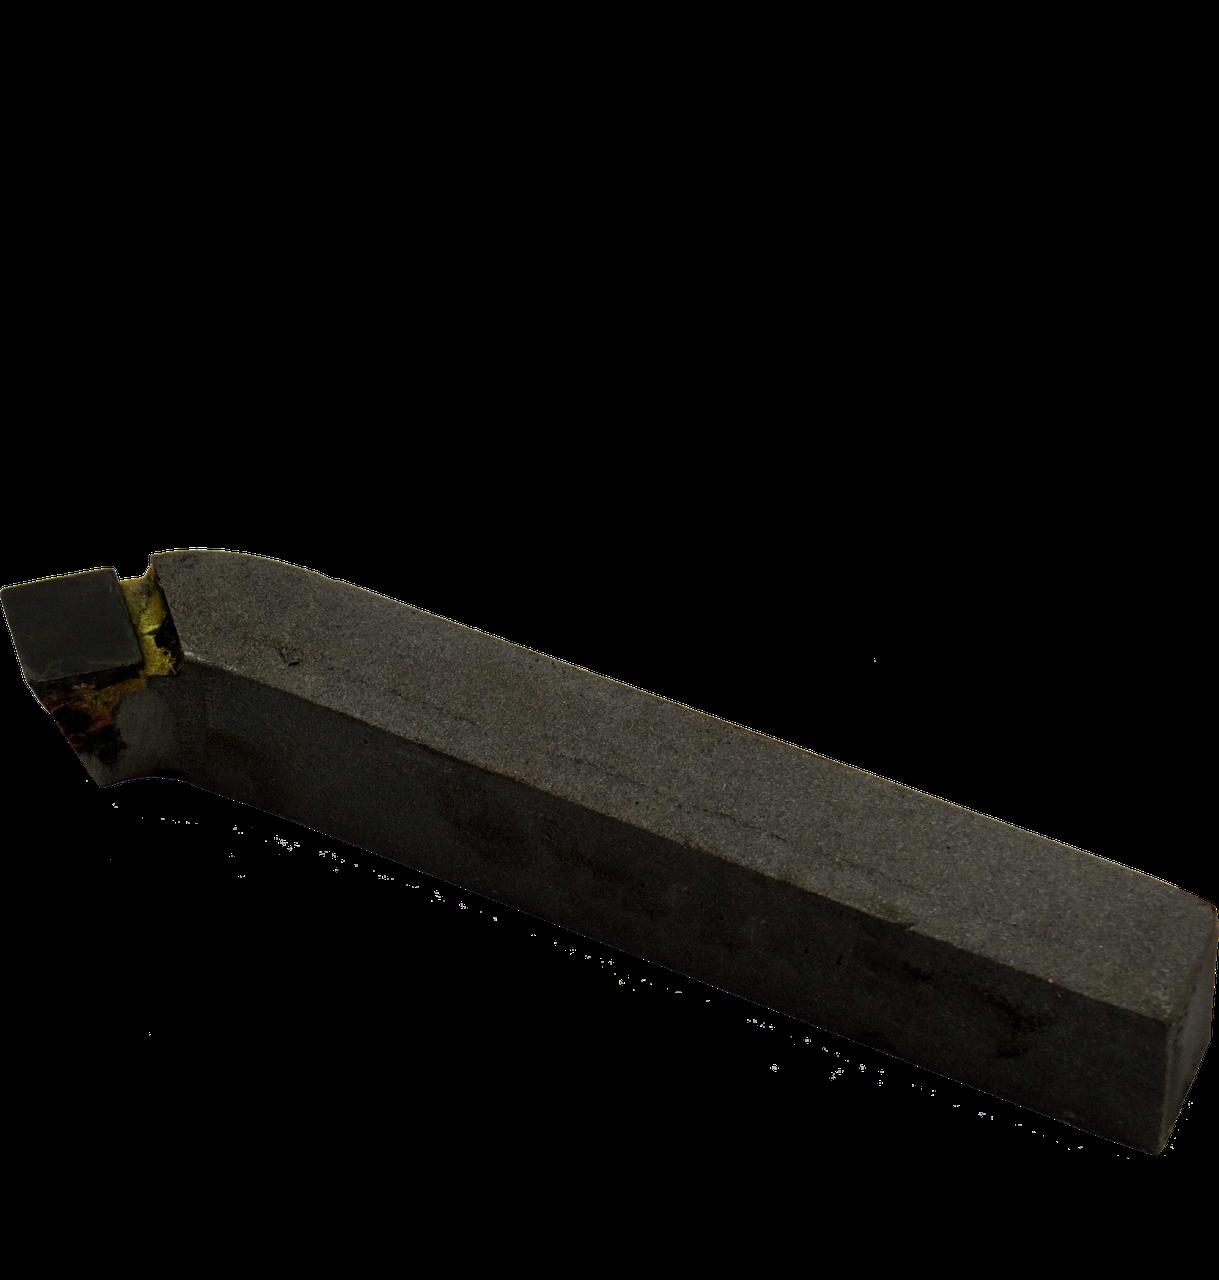 Резец токарный проходной отогнутый 25х16х140 (Т5К10) СИТО Беларусь